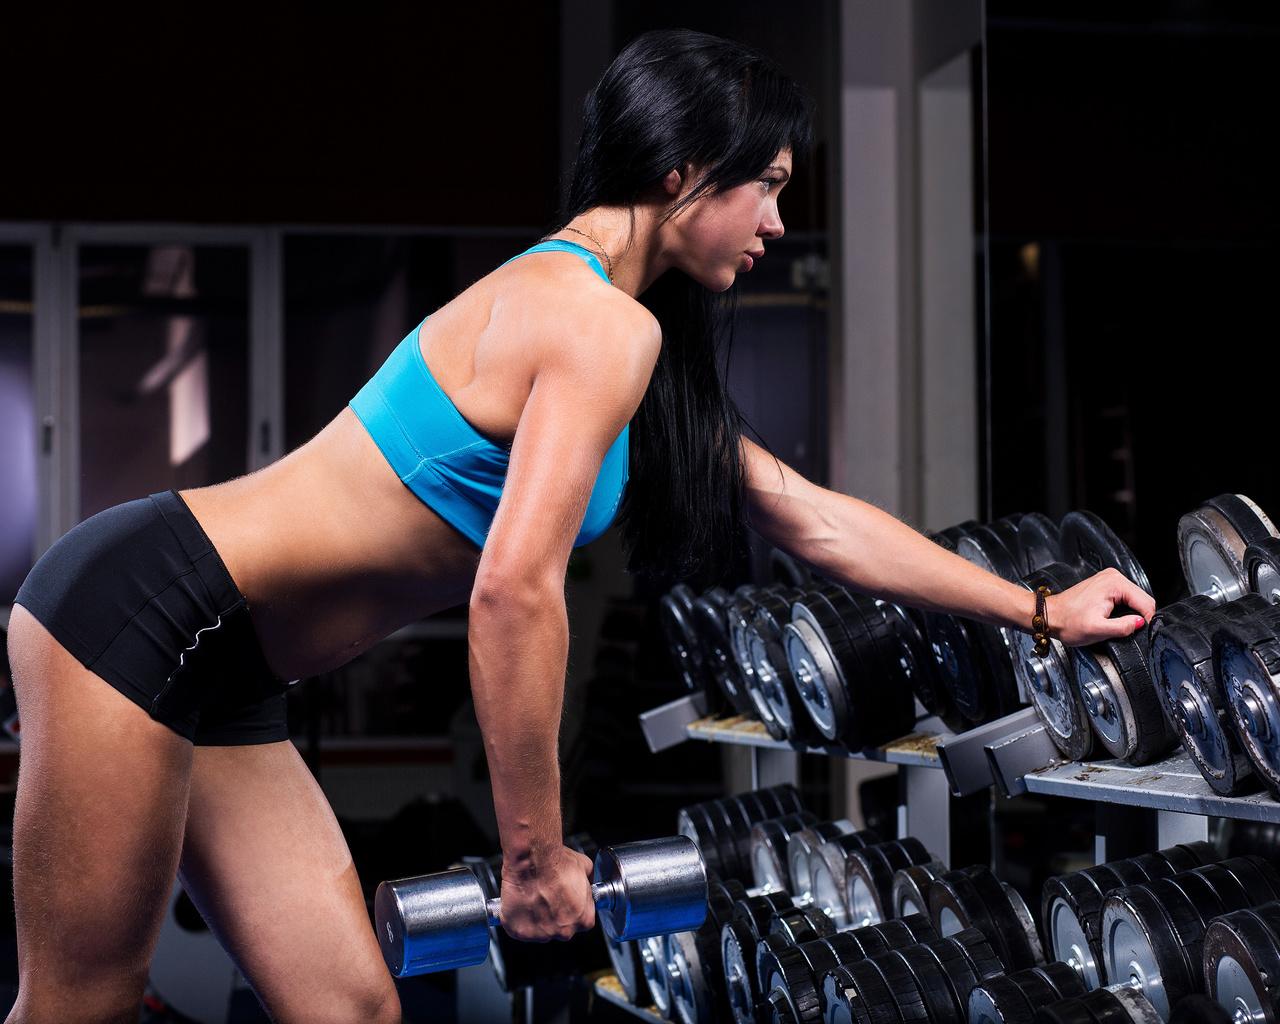 девушка, гантели, тренировка, спортзал, жим, длинные волосы, портрет, стройная, брюнетка, спортивная, спорт